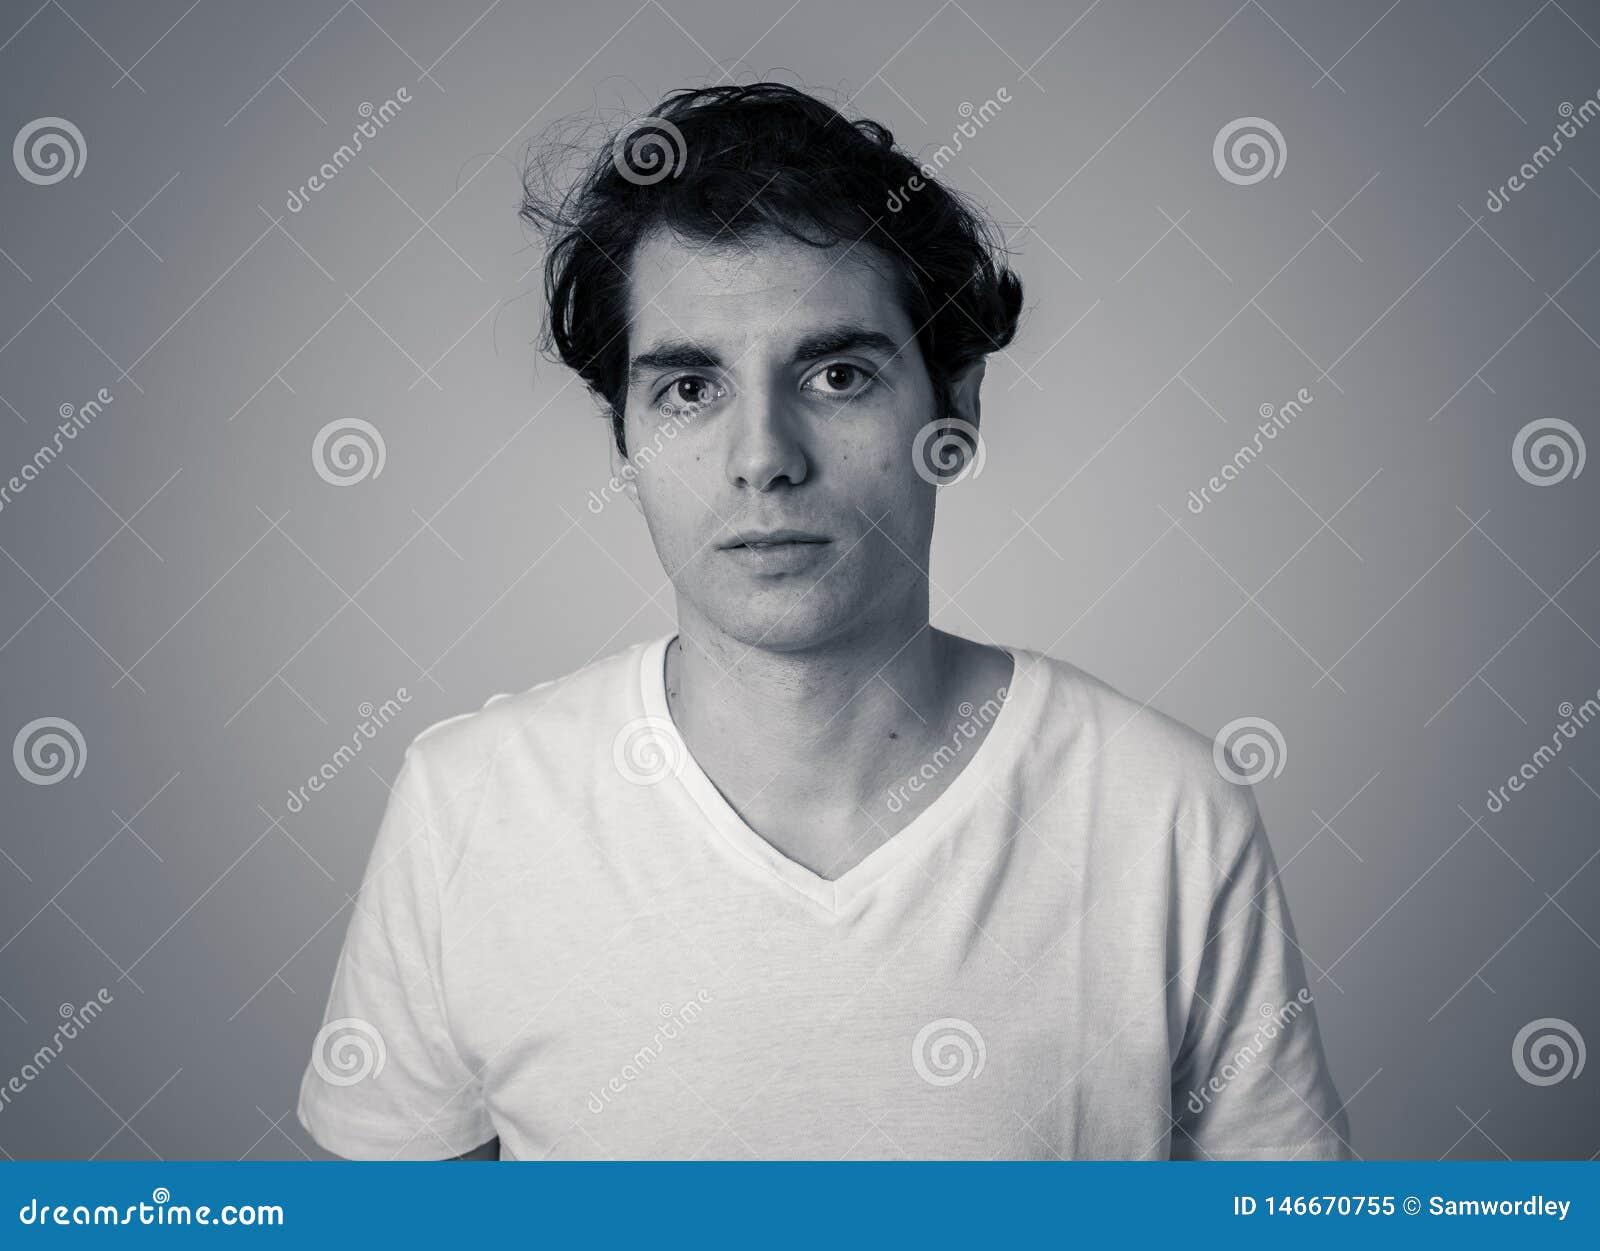 Portrait d un jeune homme beau avec le visage f?ch? semblant d?go?t? Expressions et ?motions humaines